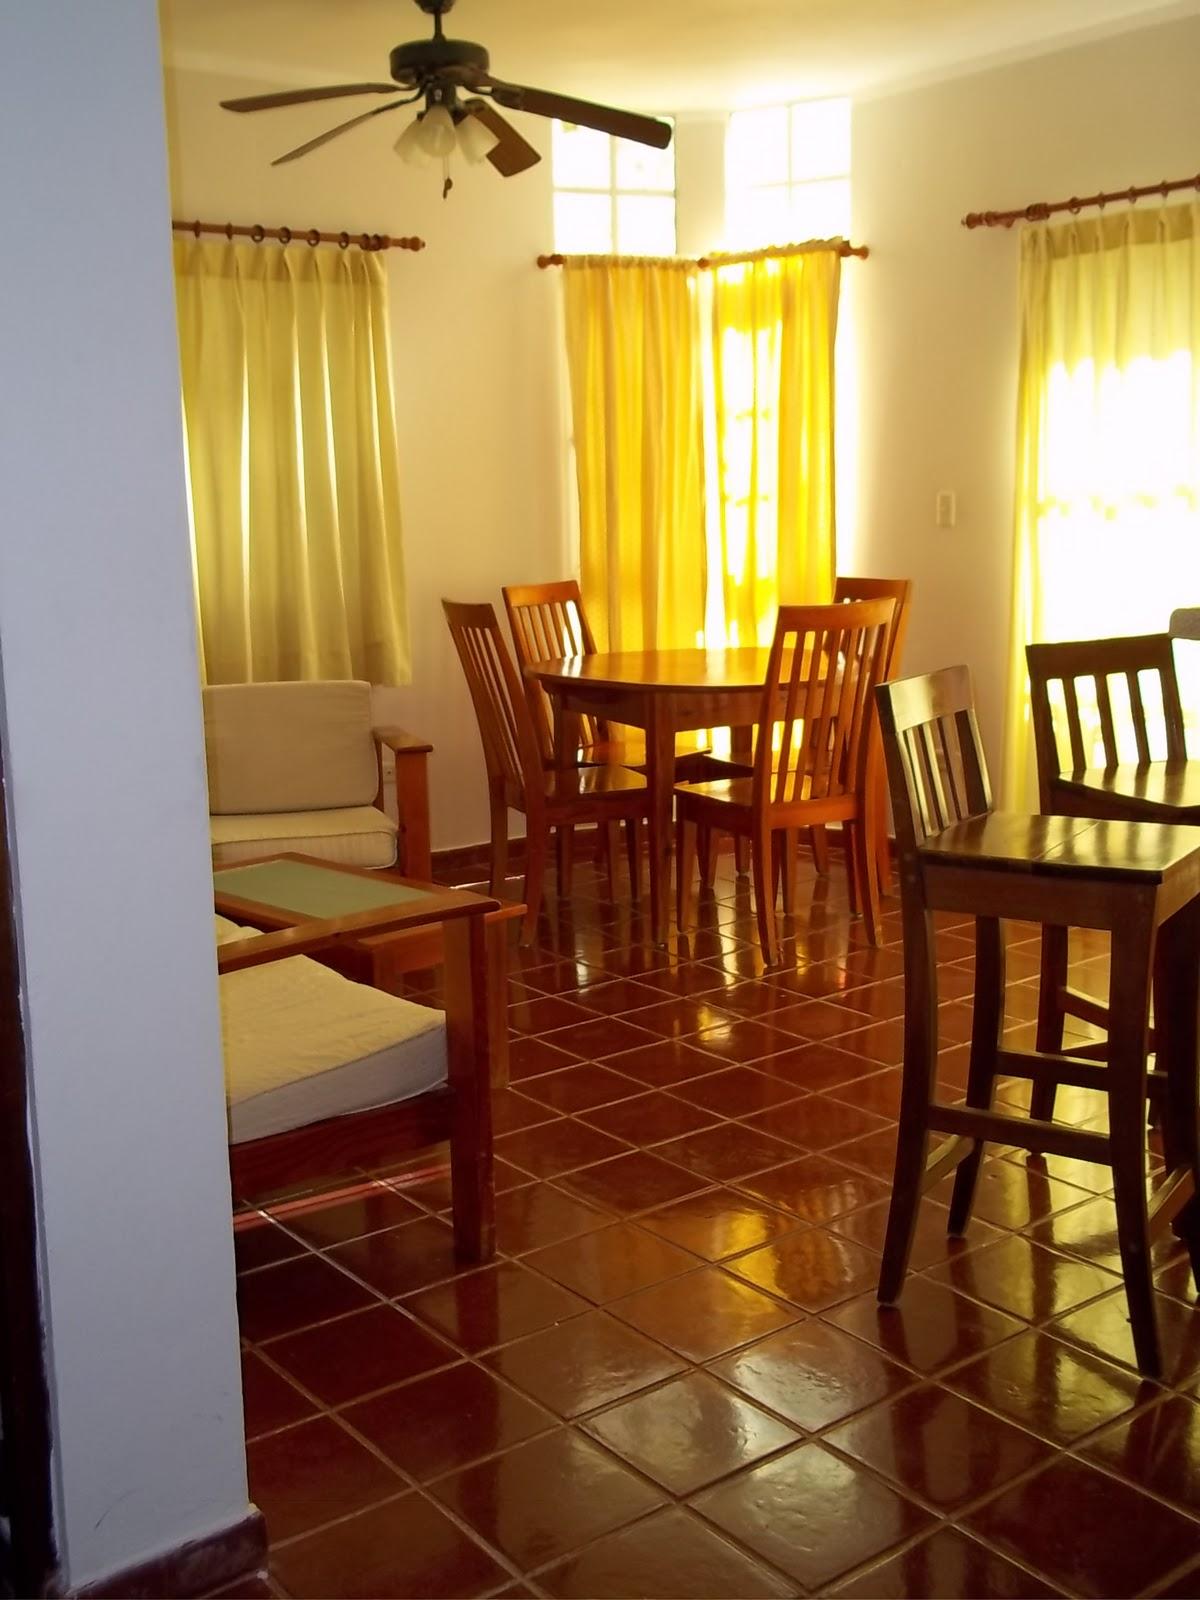 Apartamentos tur sticos en playa b varo punta cana rep blica dominicana - Alquiler de apartamentos en playa ...